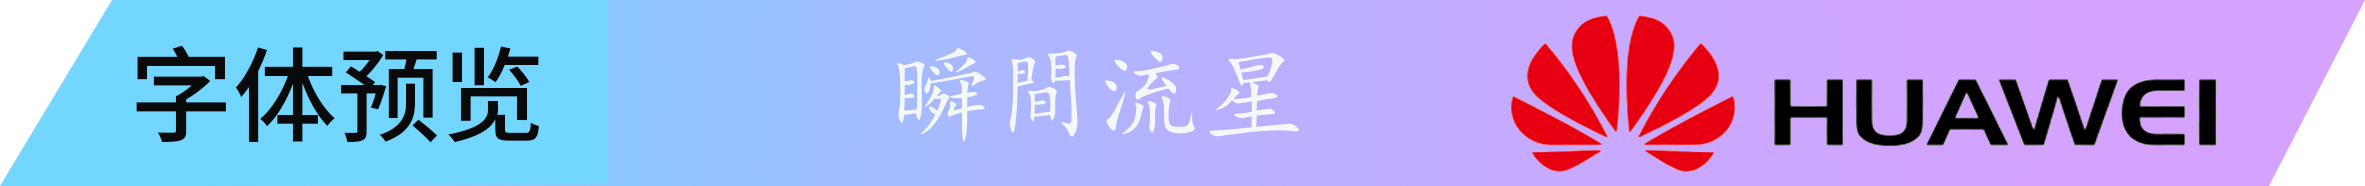 字体预览1.png